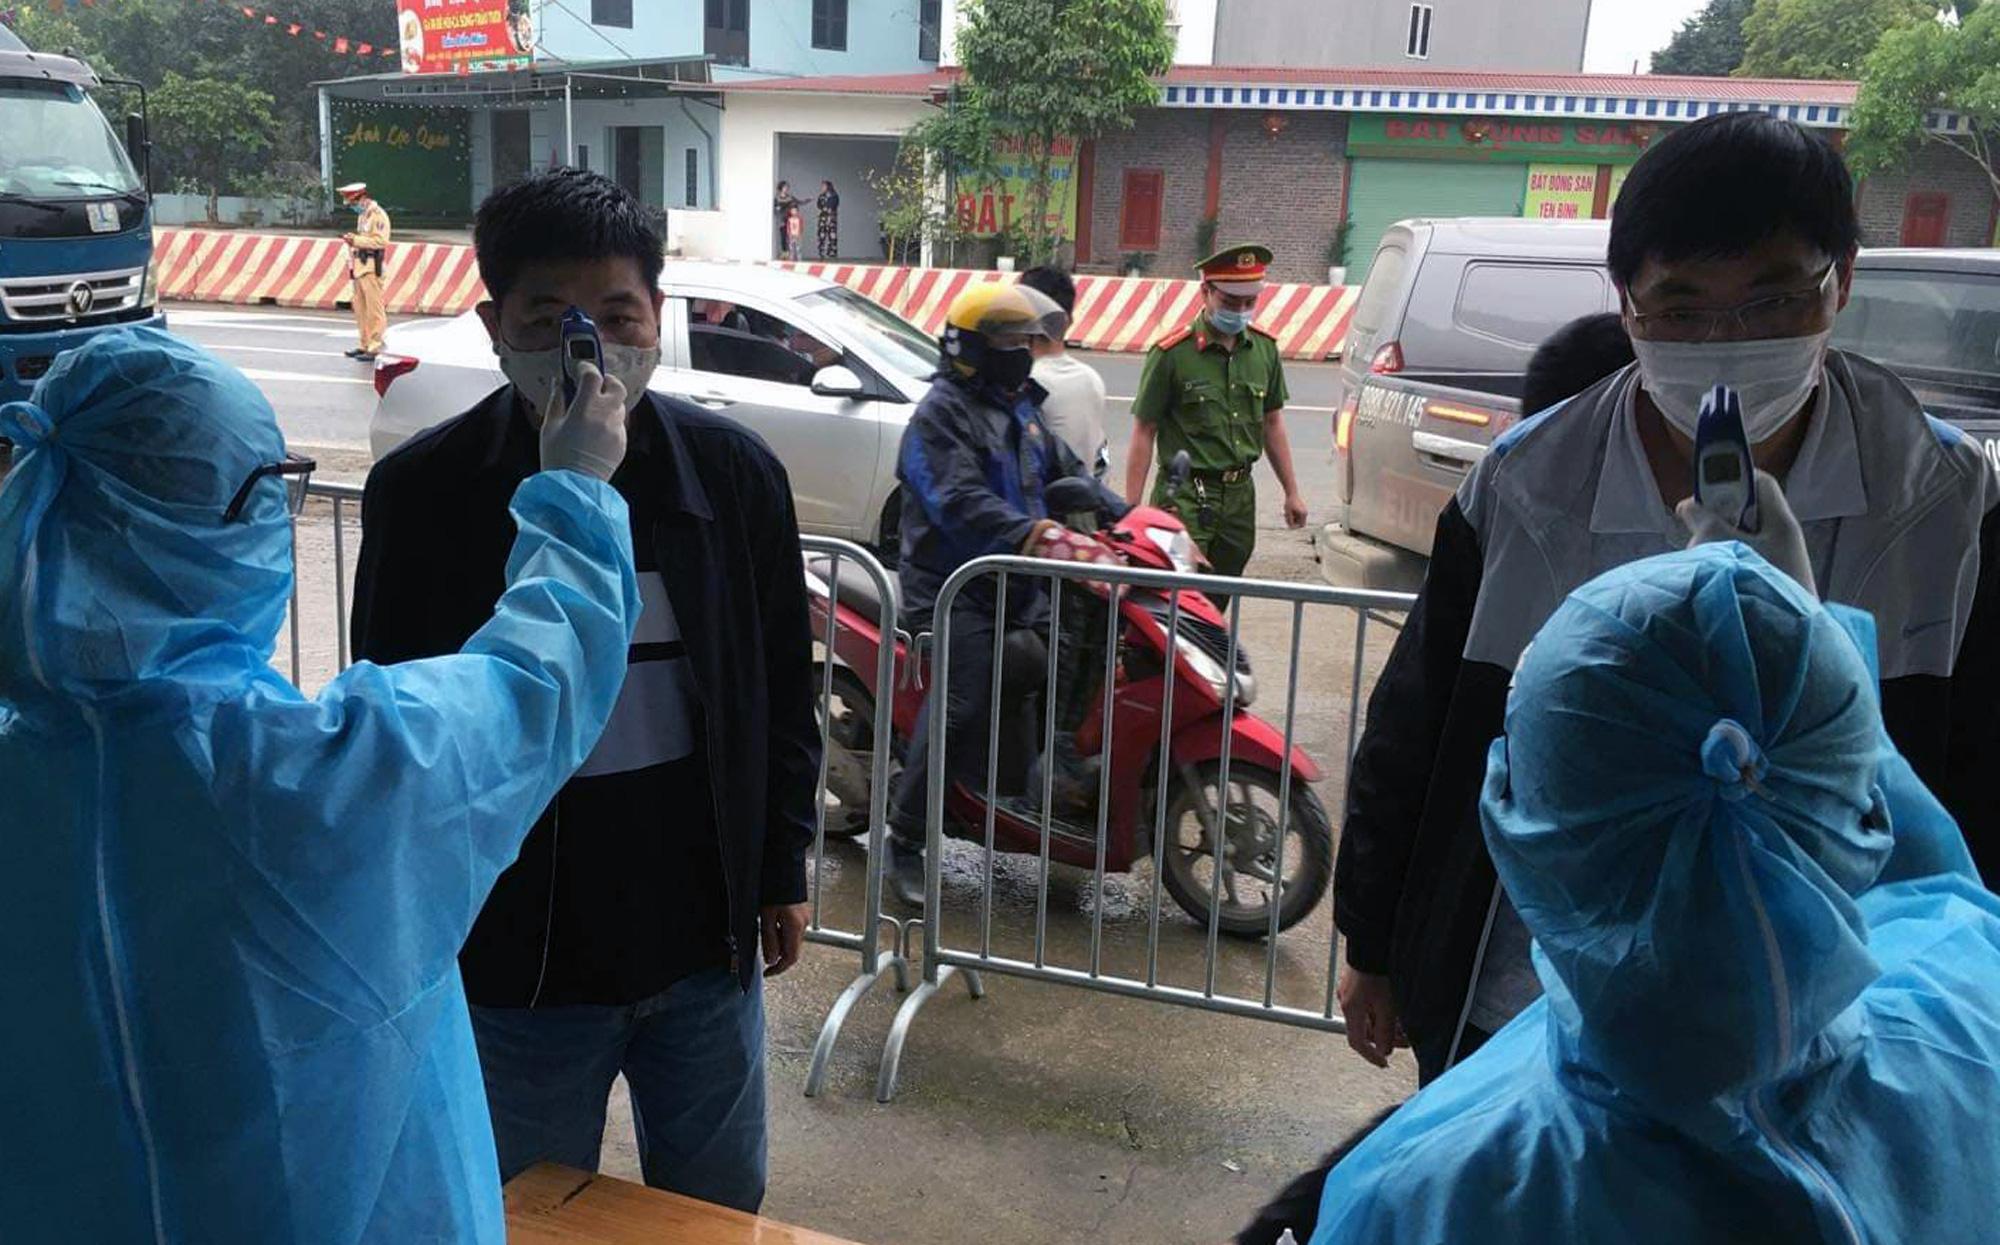 Chốt kiểm soát, giám sát cách li xã hội ở cửa ngõ Thủ đô Hà Nội hoạt động thế nào? - Ảnh 11.